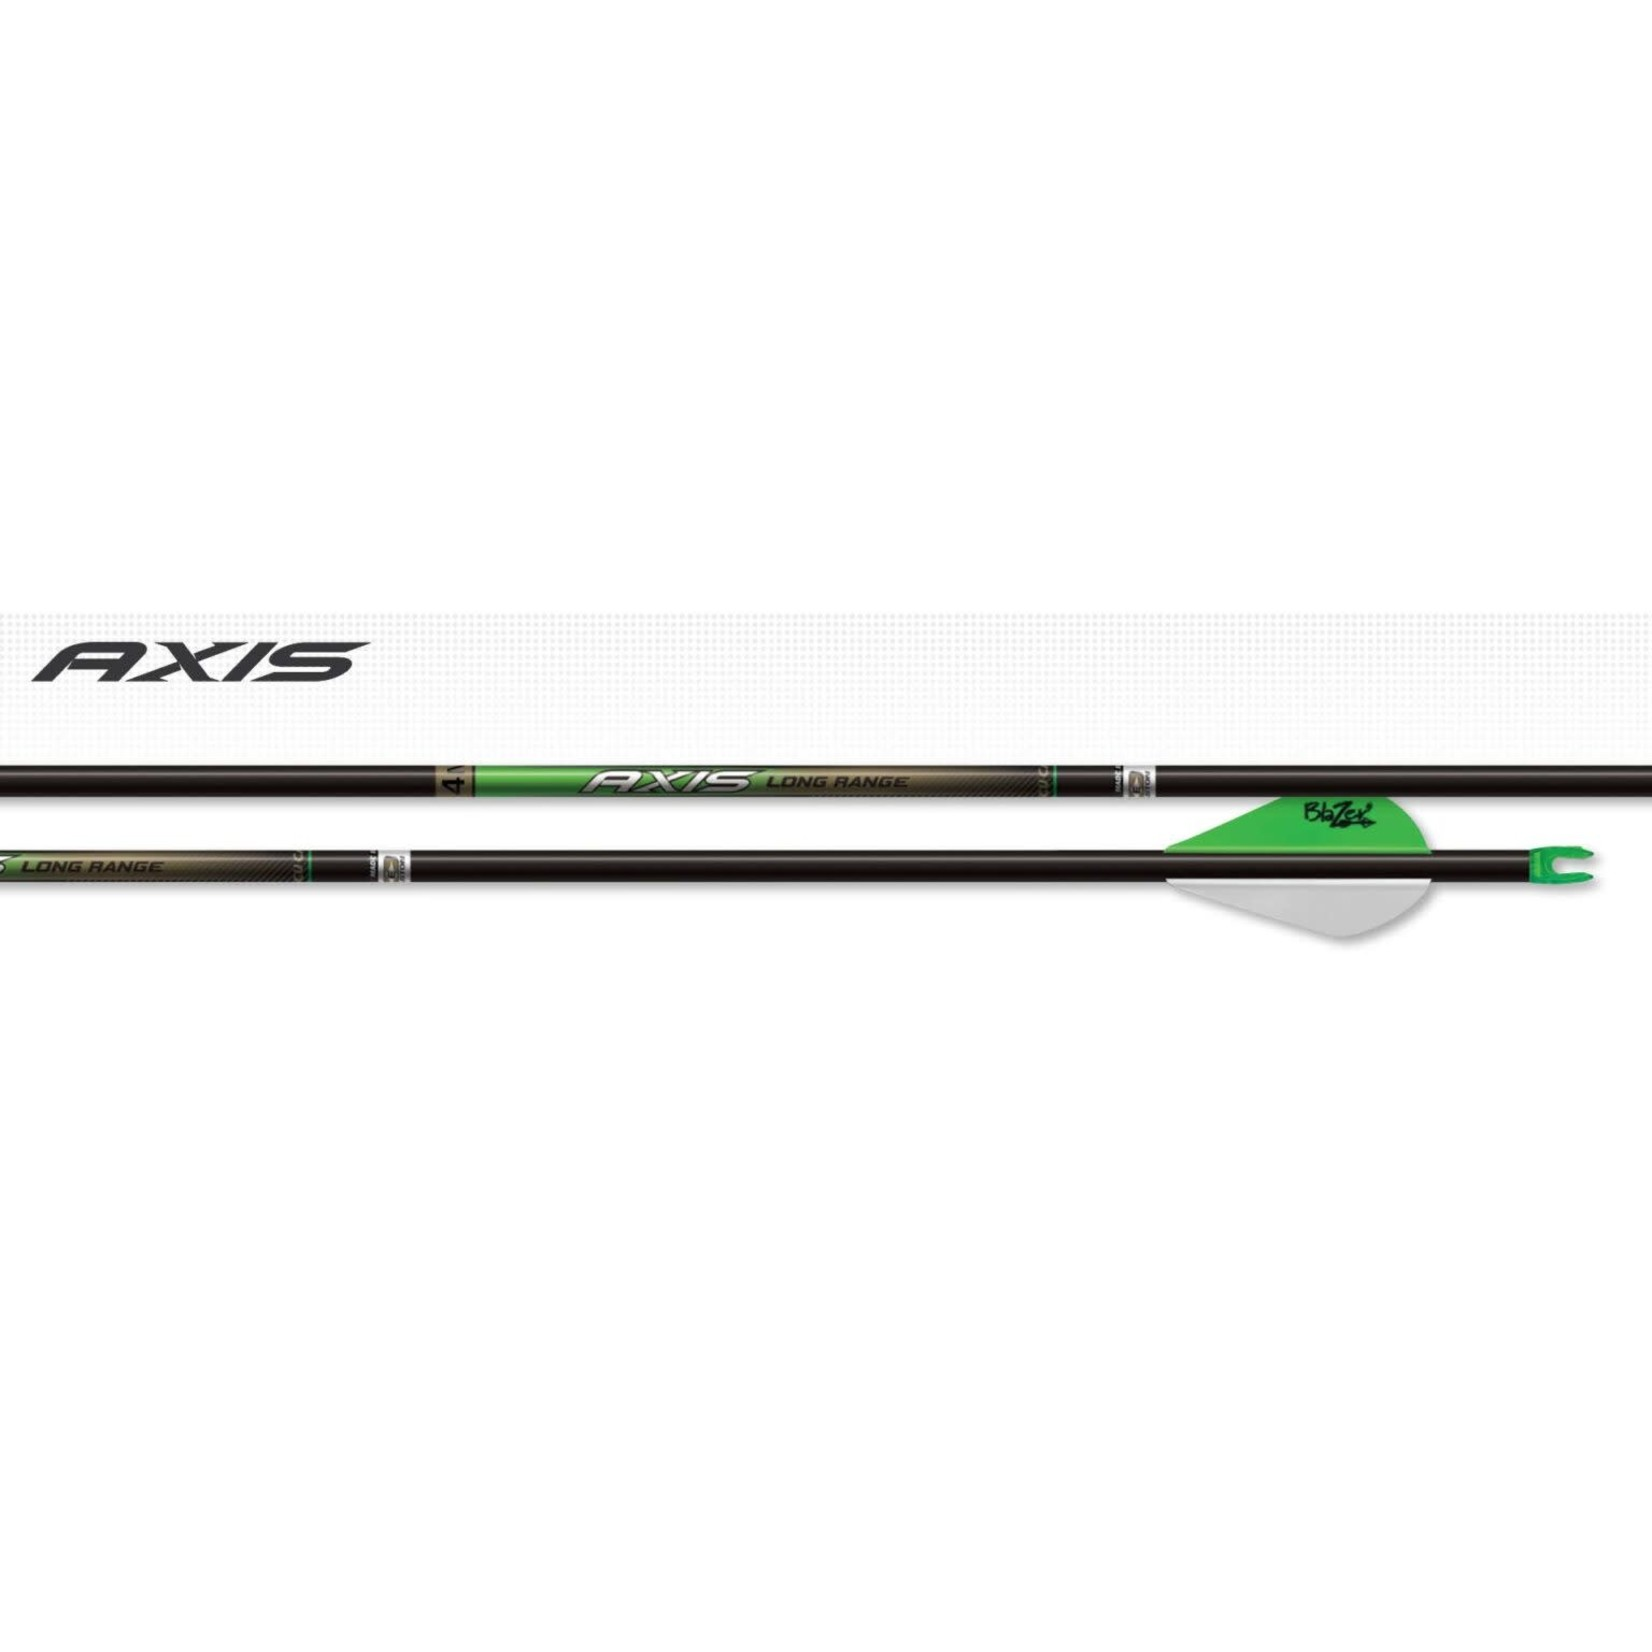 Easton Easton Axis Long Range 4mm Arrows 300 (1/2 doz)